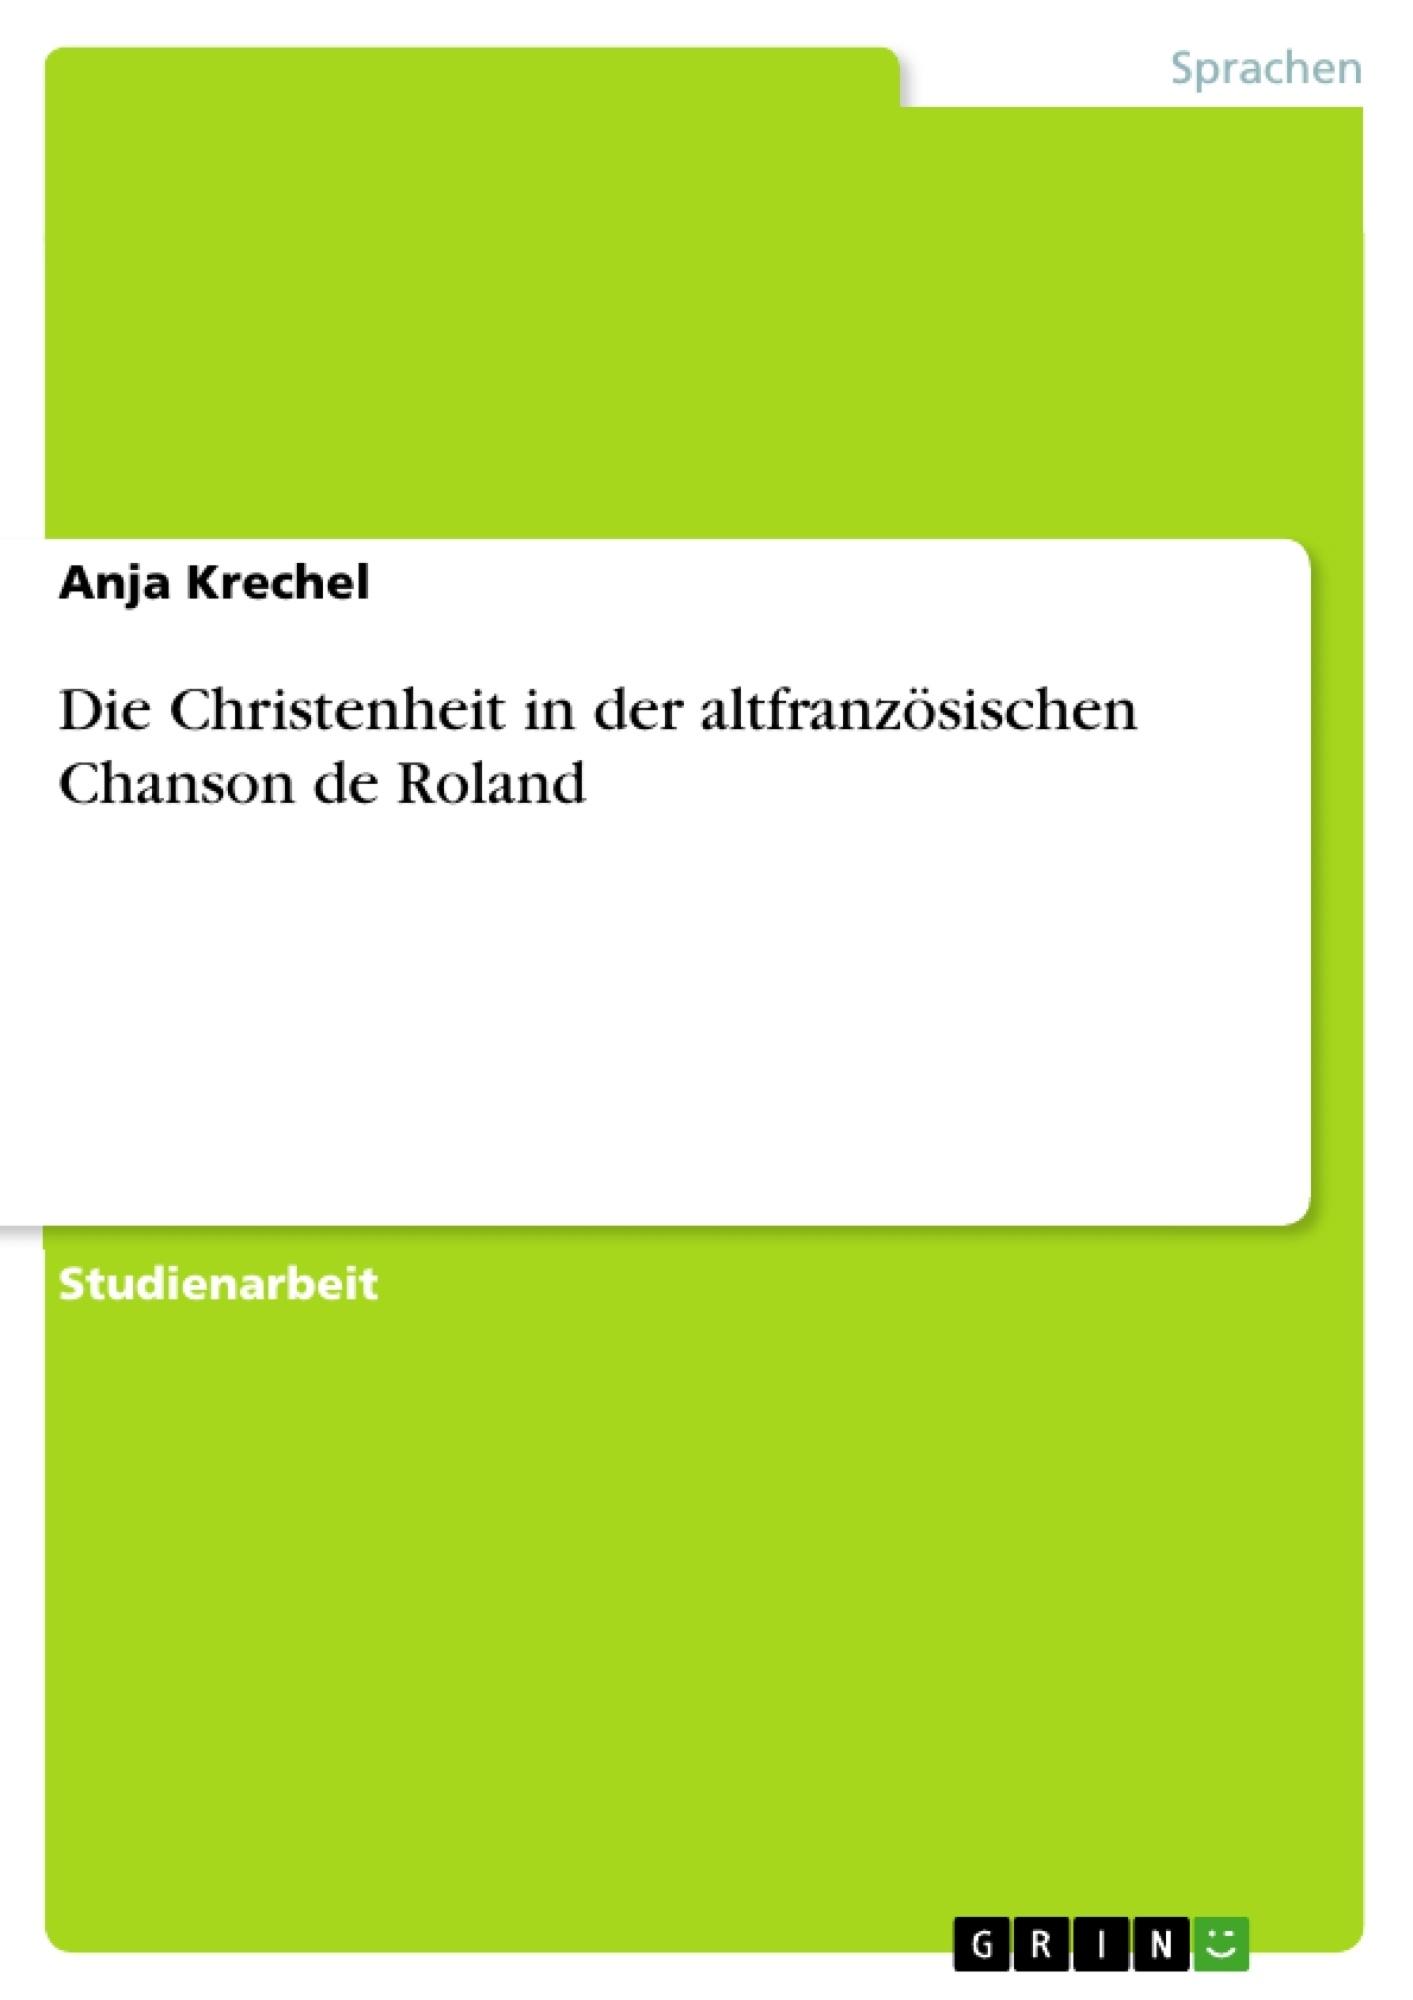 Titel: Die Christenheit in der altfranzösischen Chanson de Roland